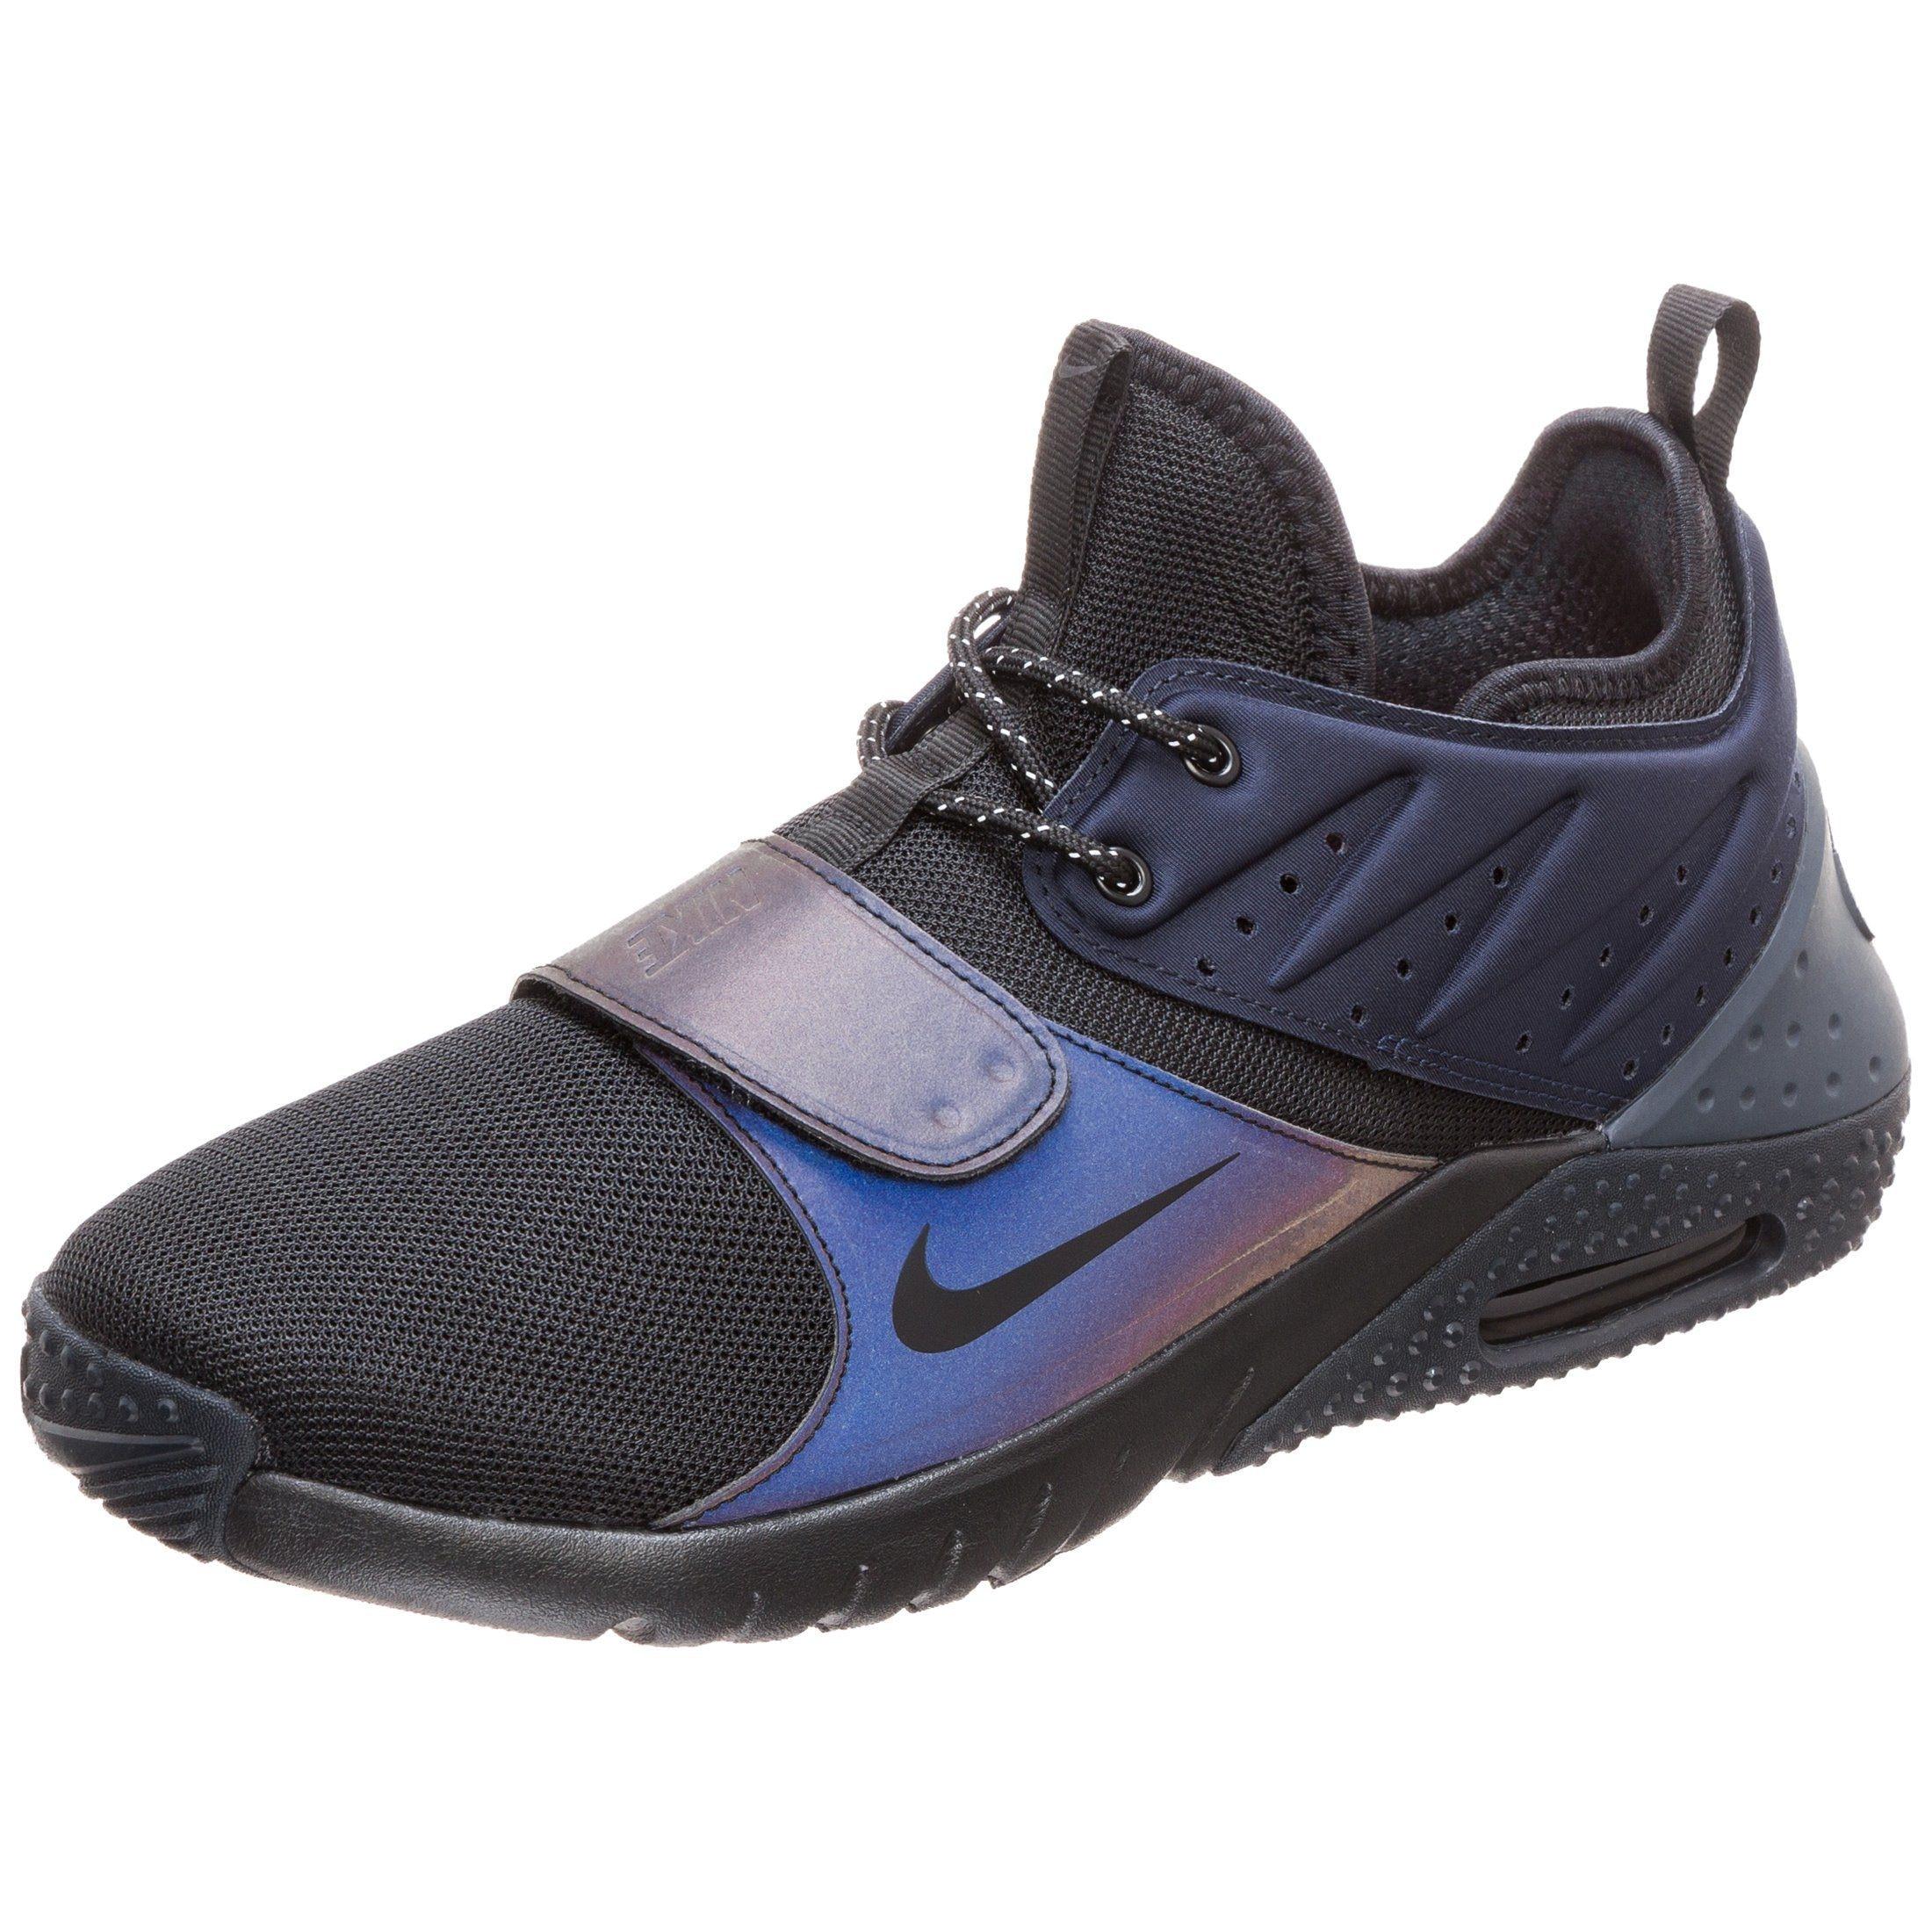 Nike Trainingsschuh Air Max Trainer 1 | Gutes Preis-Leistungs-Verhältnis, es lohnt sich